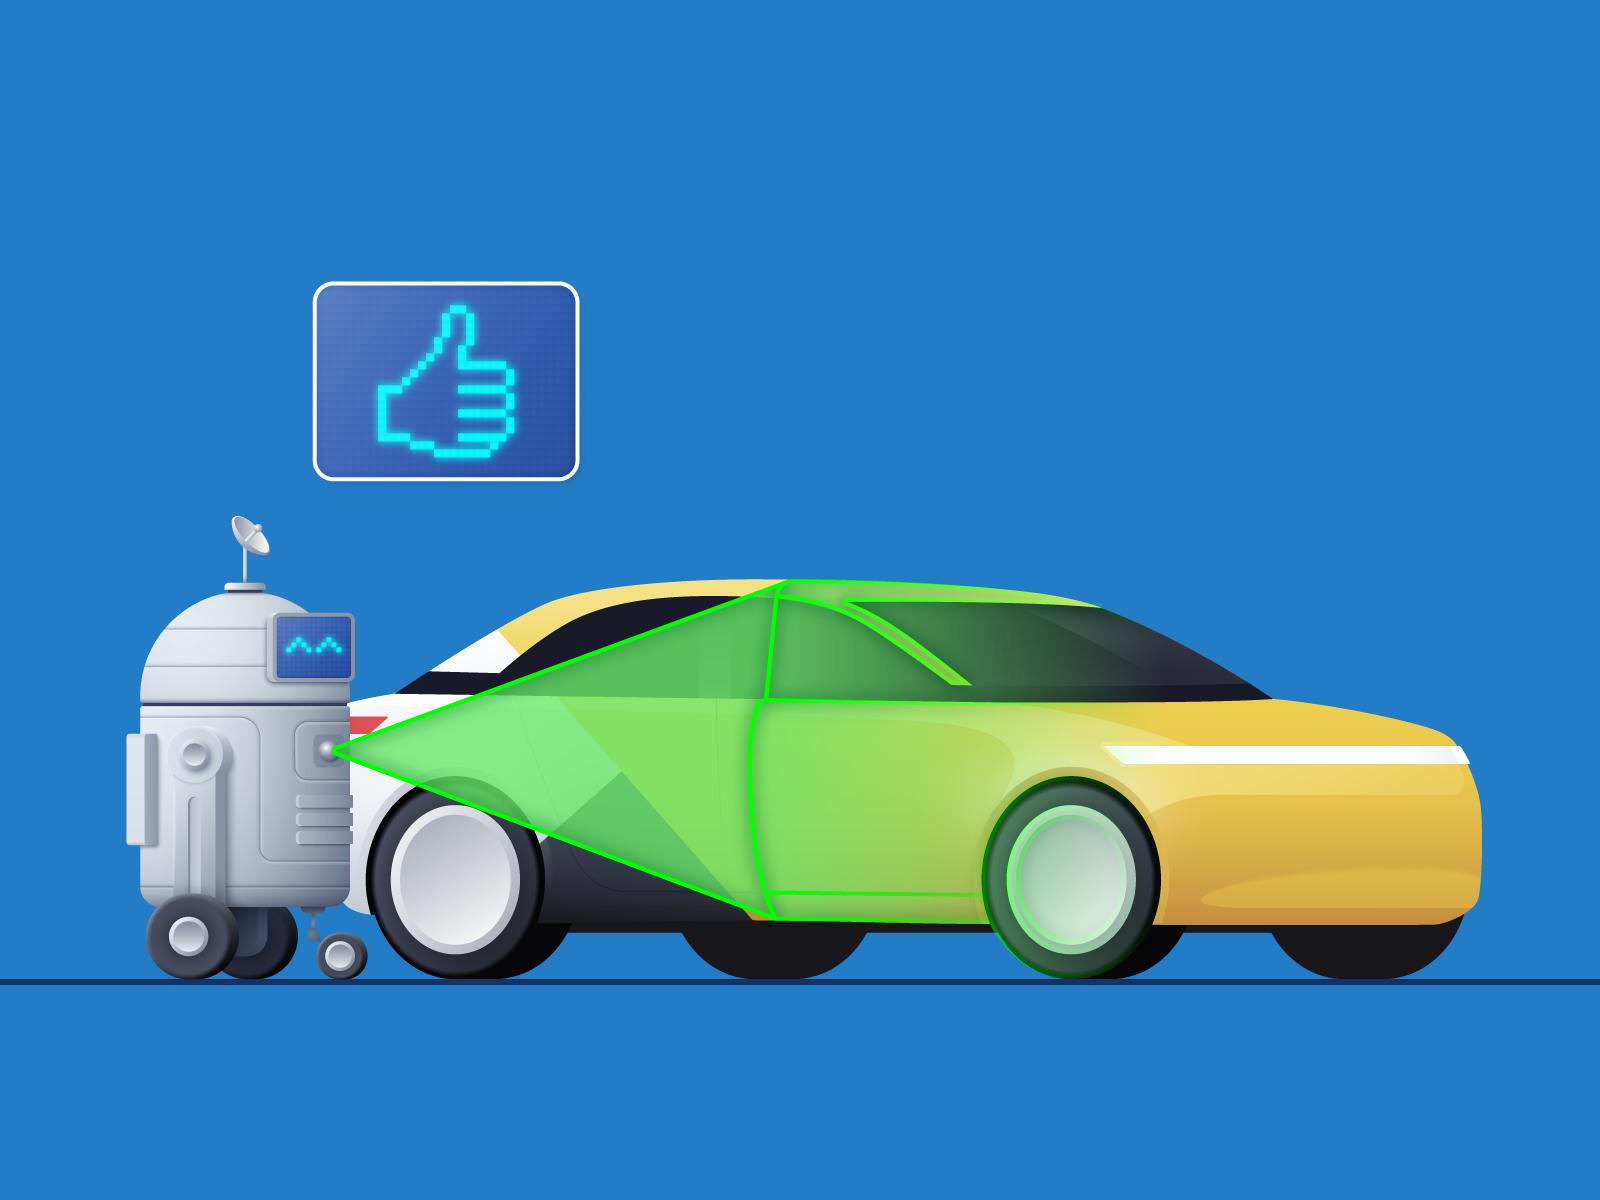 Как с помощью компьютерного зрения оценить состояние автомобиля. Опыт Яндекс.Такси - 1